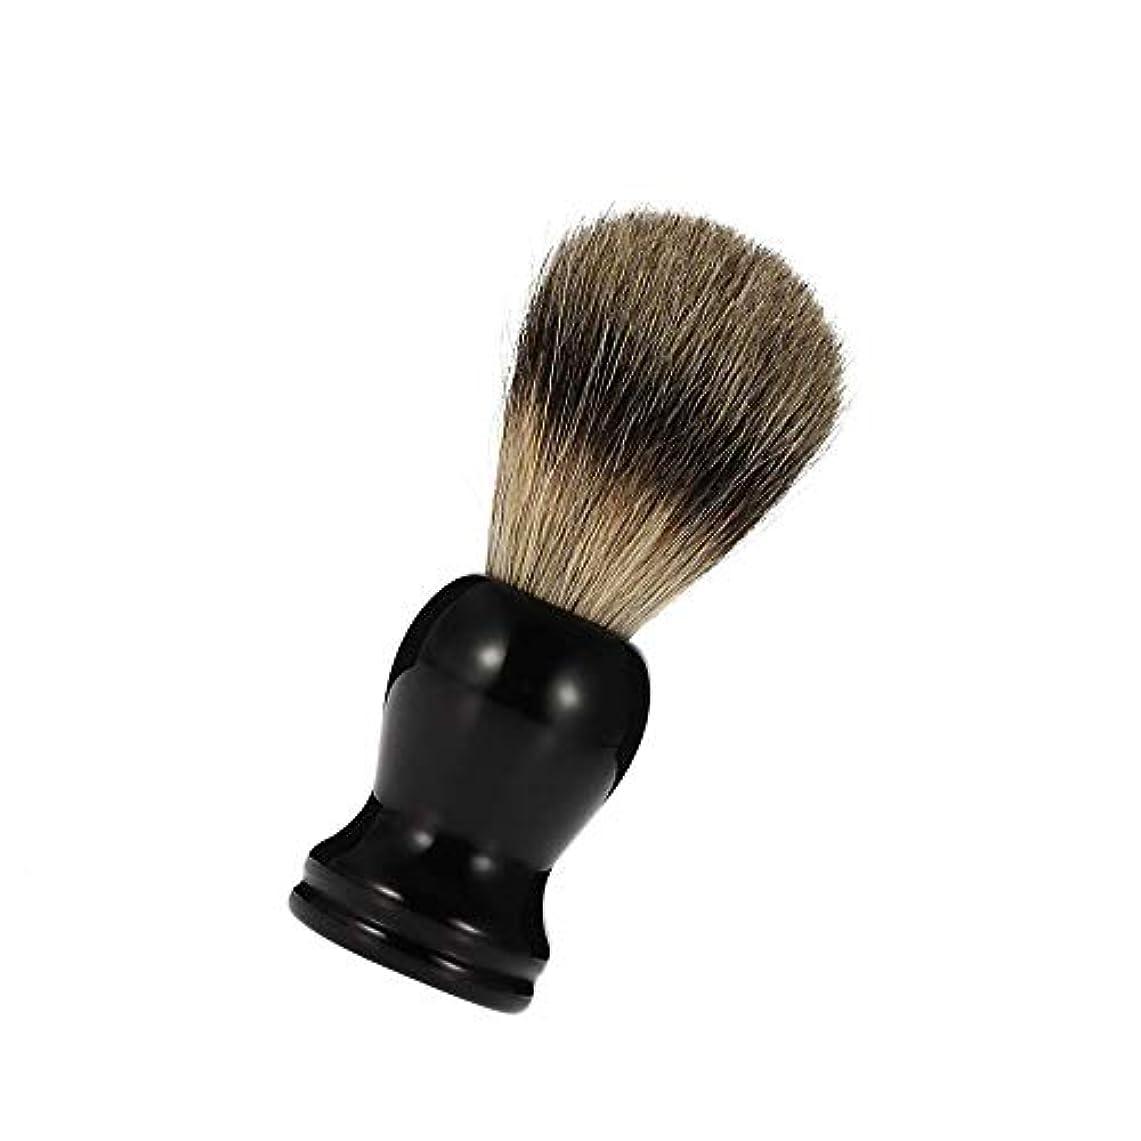 アーティファクト高速道路マオリ1本セット 泡立ち理容 洗顔 髭剃りメンズシェービング用ブラシ